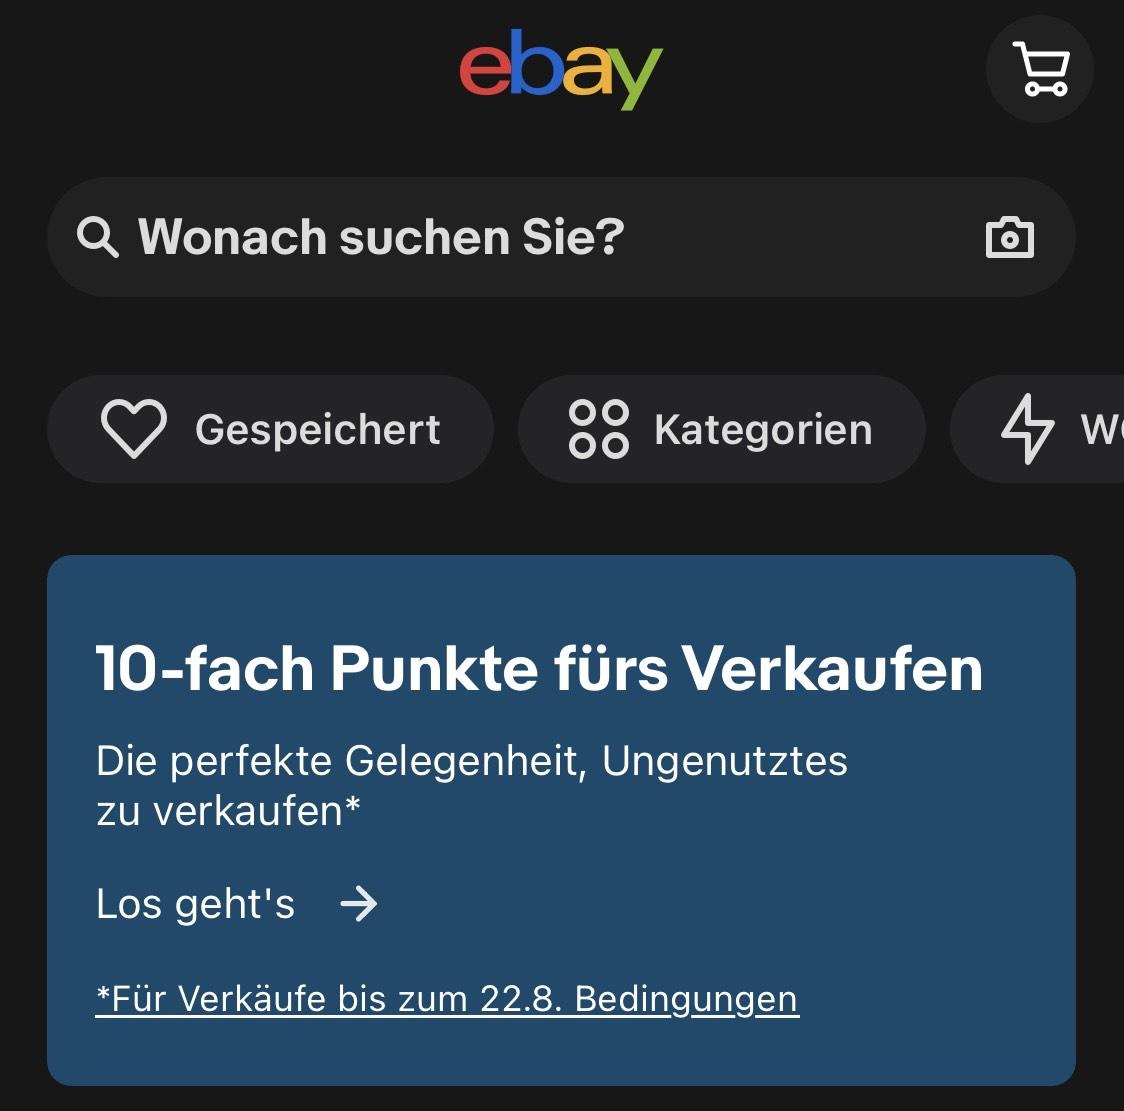 10-fach Punkte für Ebay Plus bei Verkauf